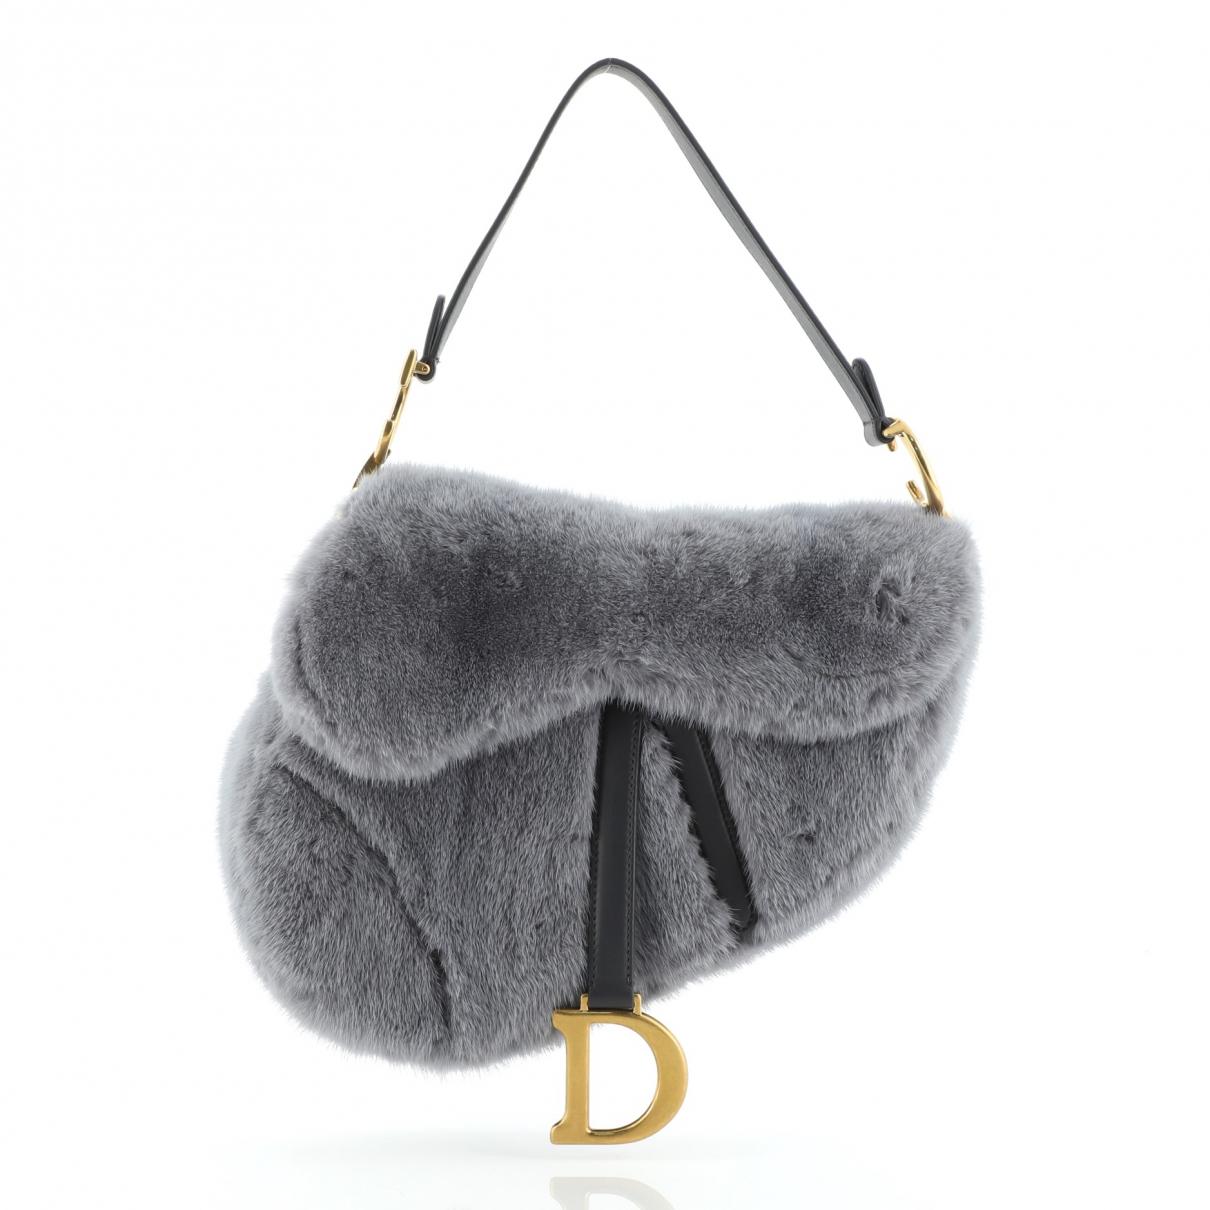 Christian Dior \N Grey Leather handbag for Women \N